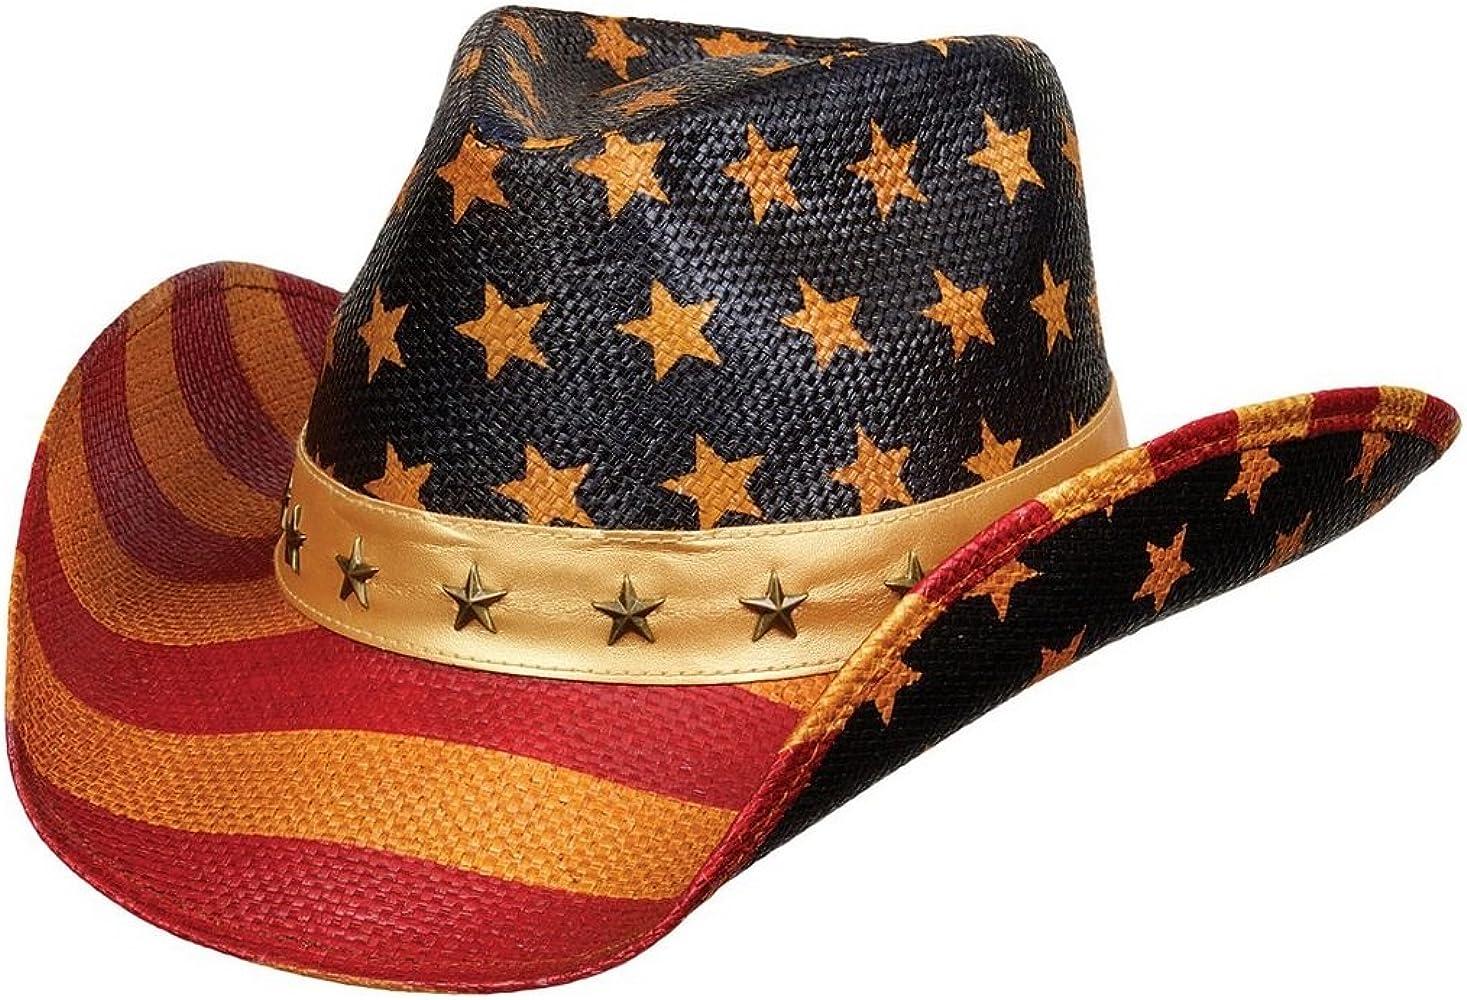 NYfashion101 Classic Vintage USA la bandera americana patriótico Cowboy Sombrero de vaquera - - : Amazon.es: Ropa y accesorios